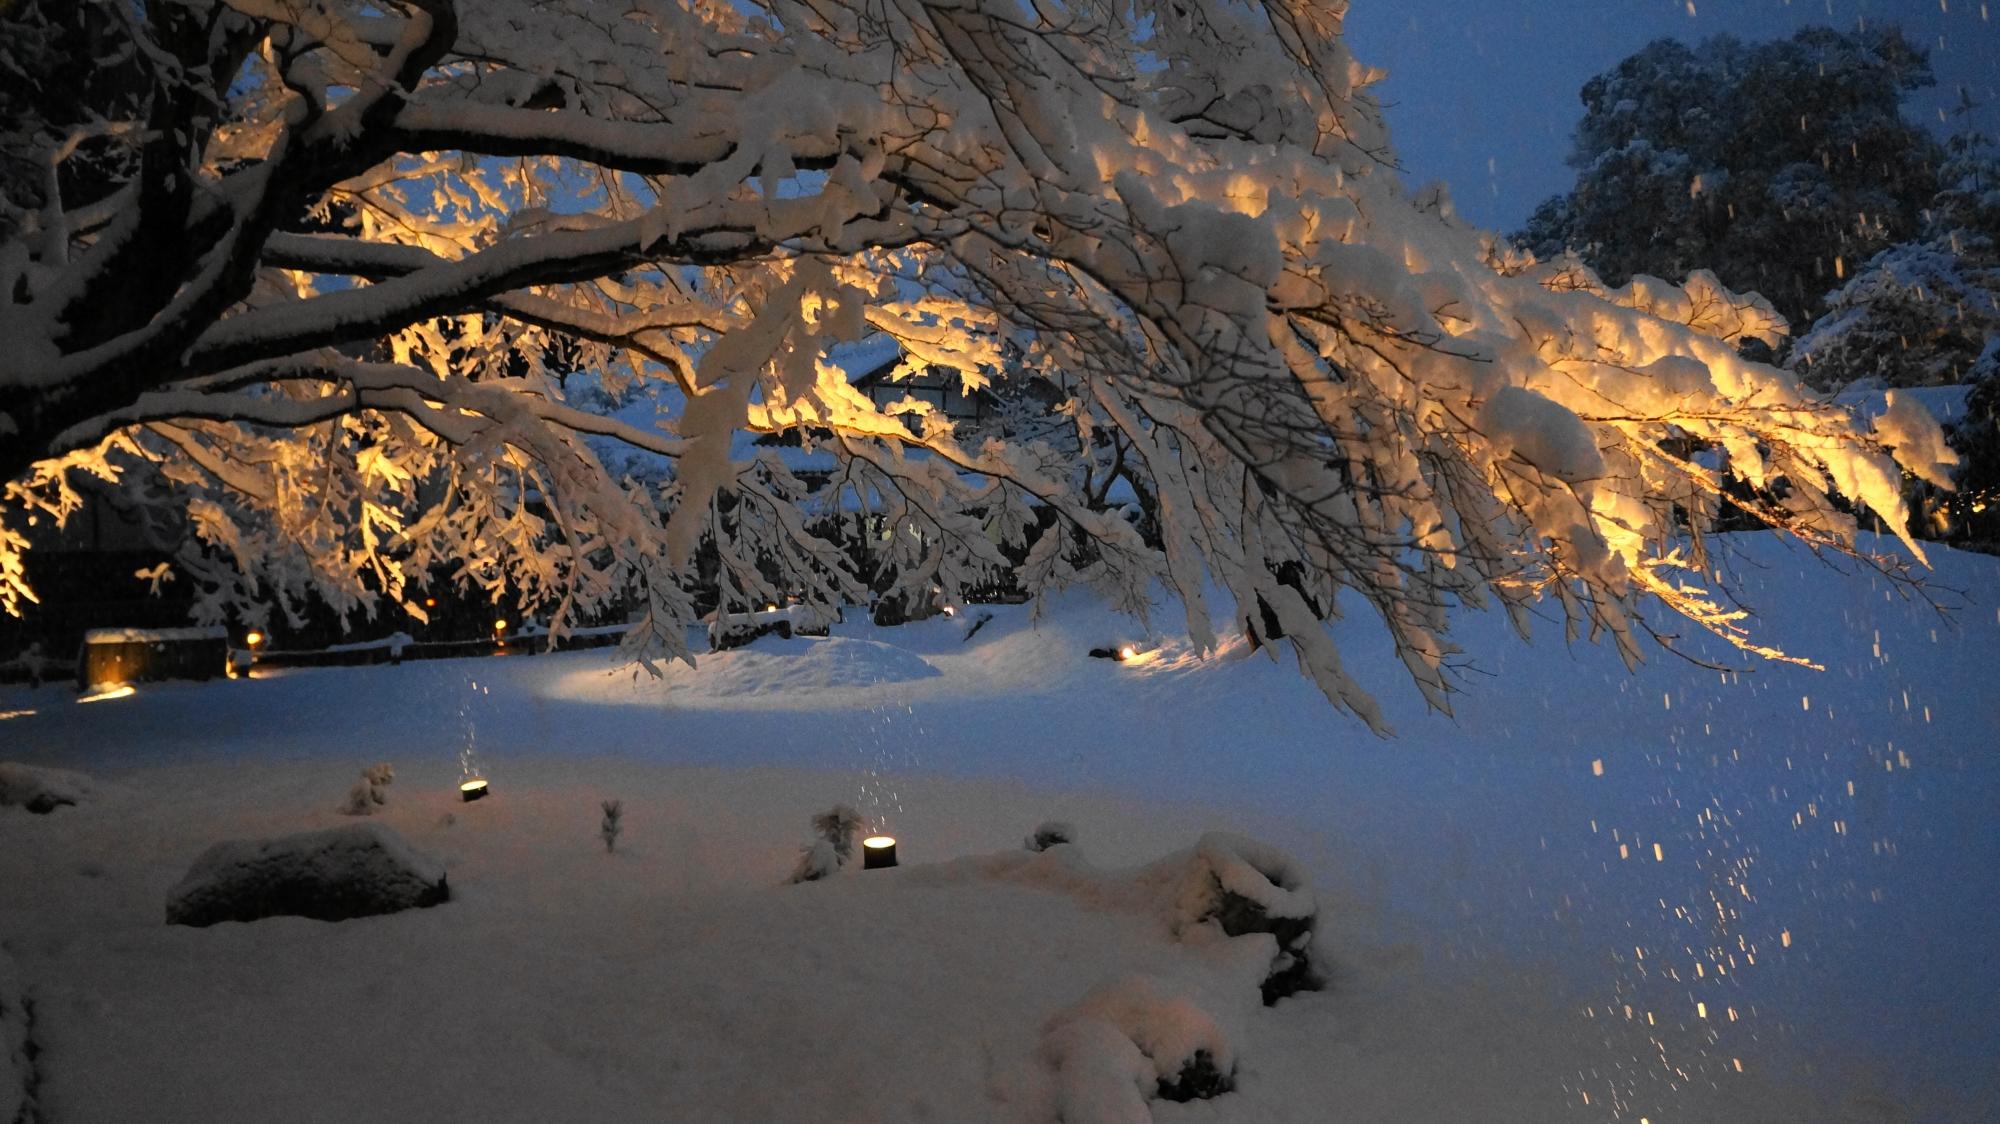 枝の先までびっしり雪が積もったもみじの木